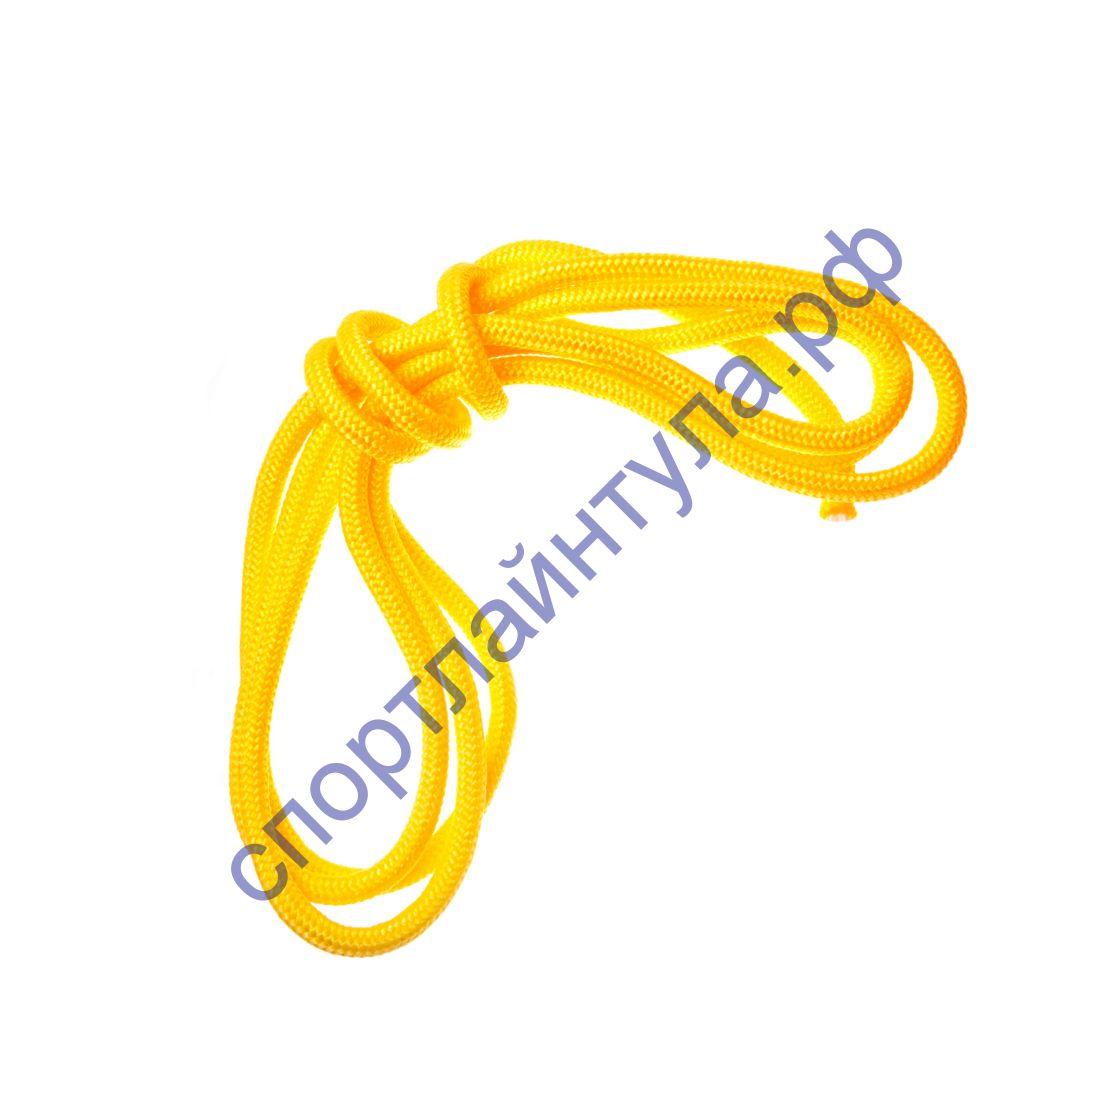 Скакалка гимнастическая BF-SK06 3м, 155гр.